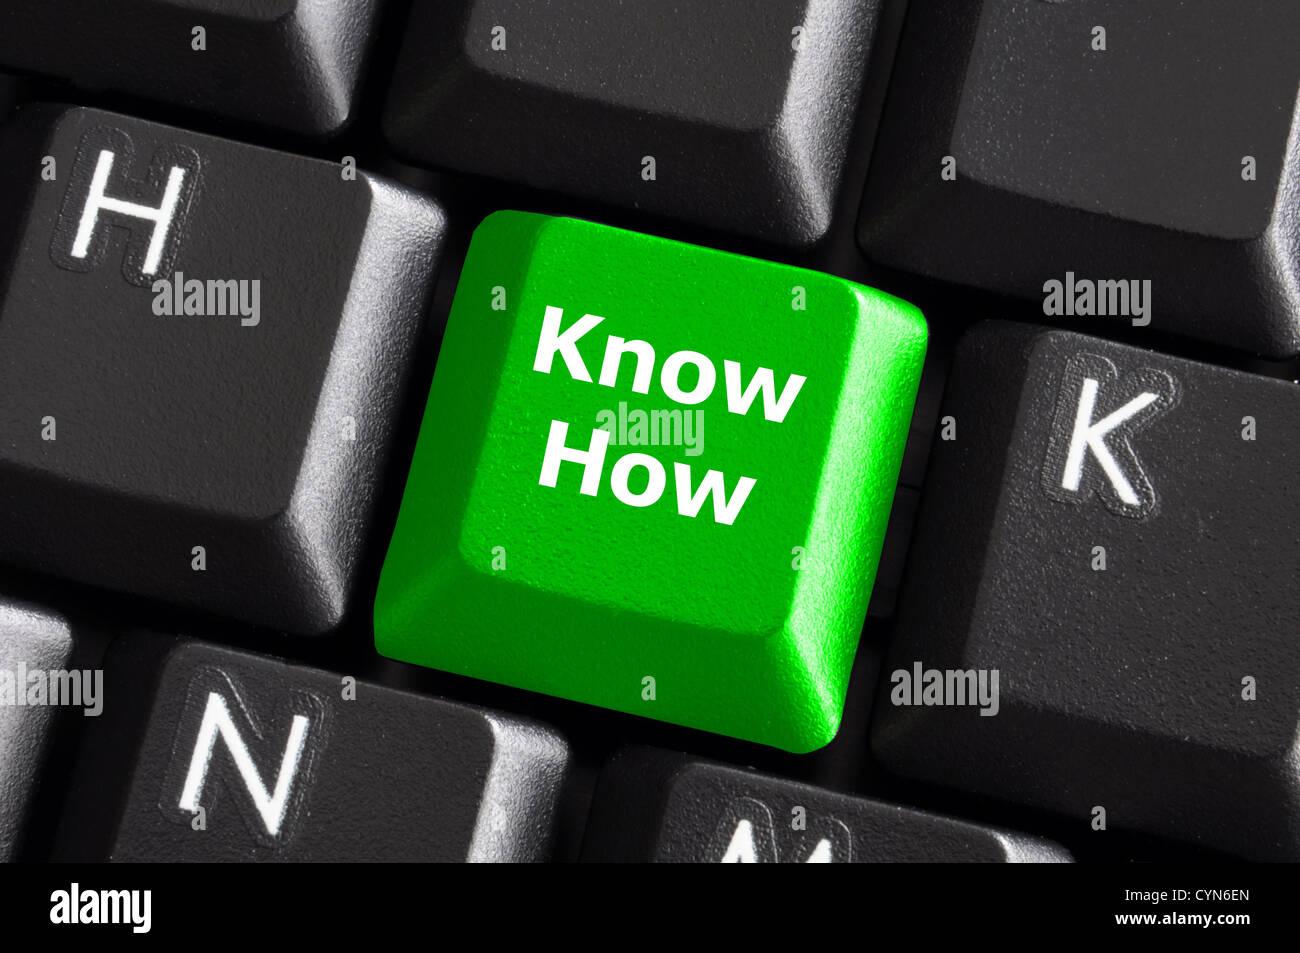 Savoir comment les connaissances ou l'éducation concept avec bouton vert de clavier de l'ordinateur Photo Stock